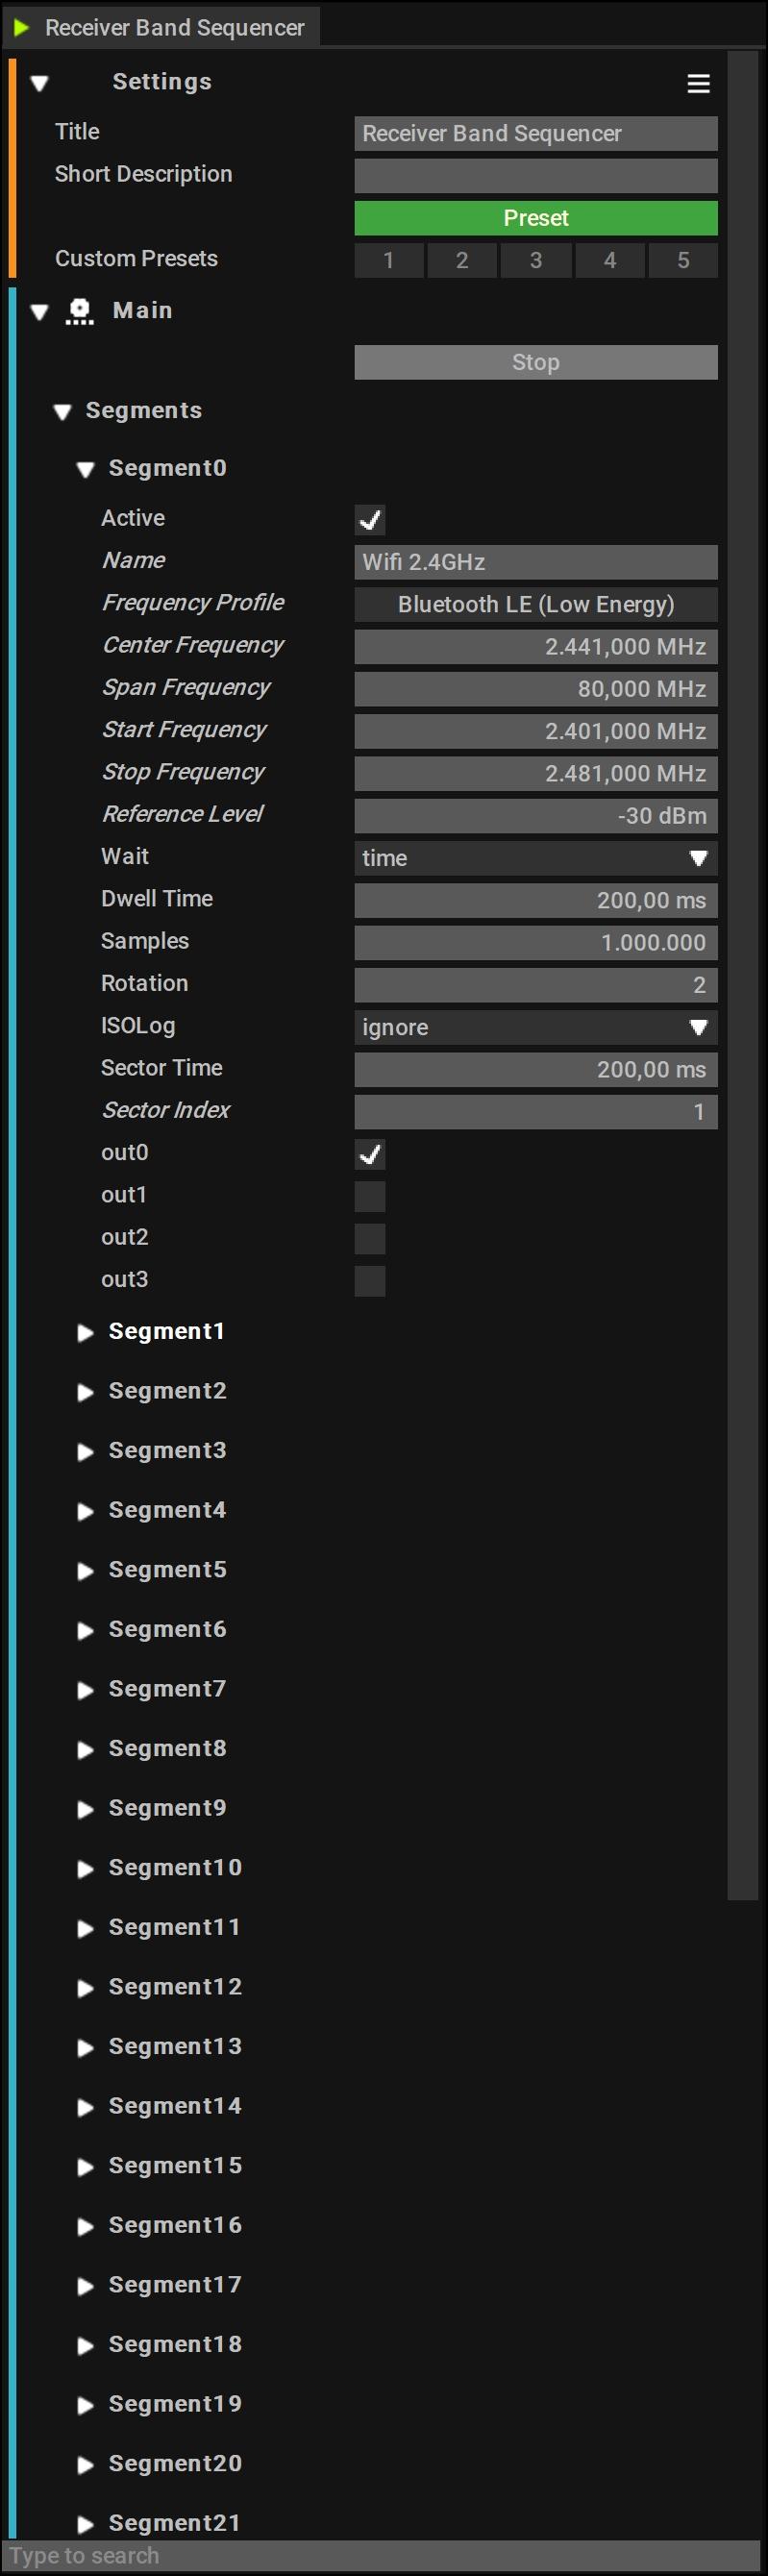 Receiver Band Sequencer Setup